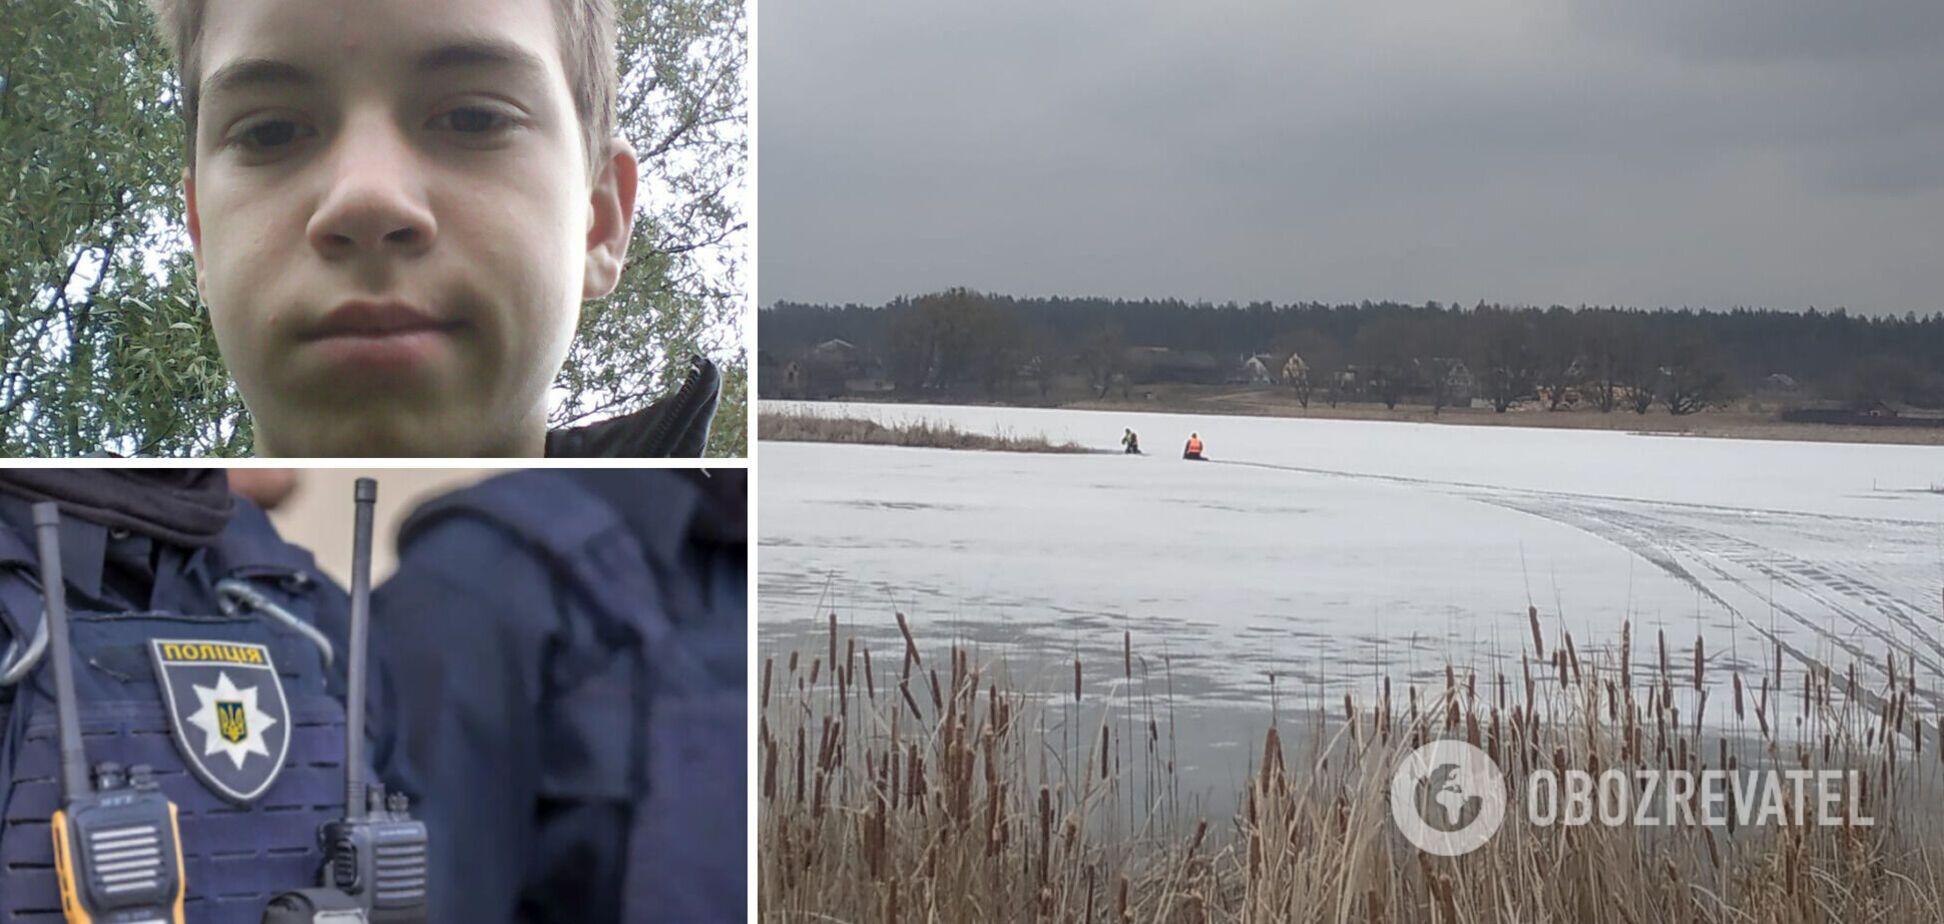 'Це просто містика якась!' На Житомирщині знайшли мертвим 17-річного хлопця, його шукали чотири дні